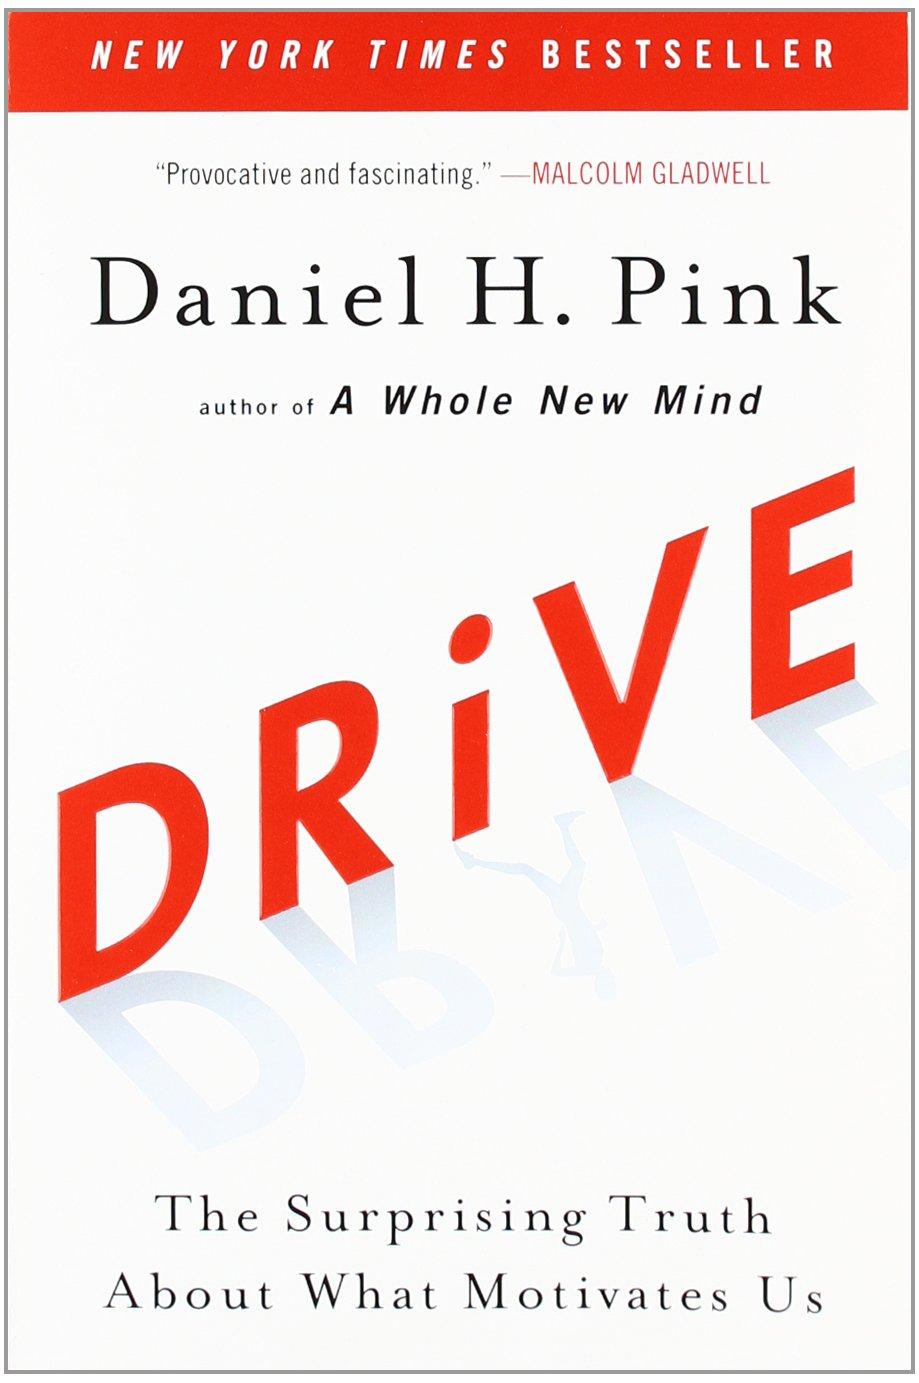 Drive, by Daniel Pink